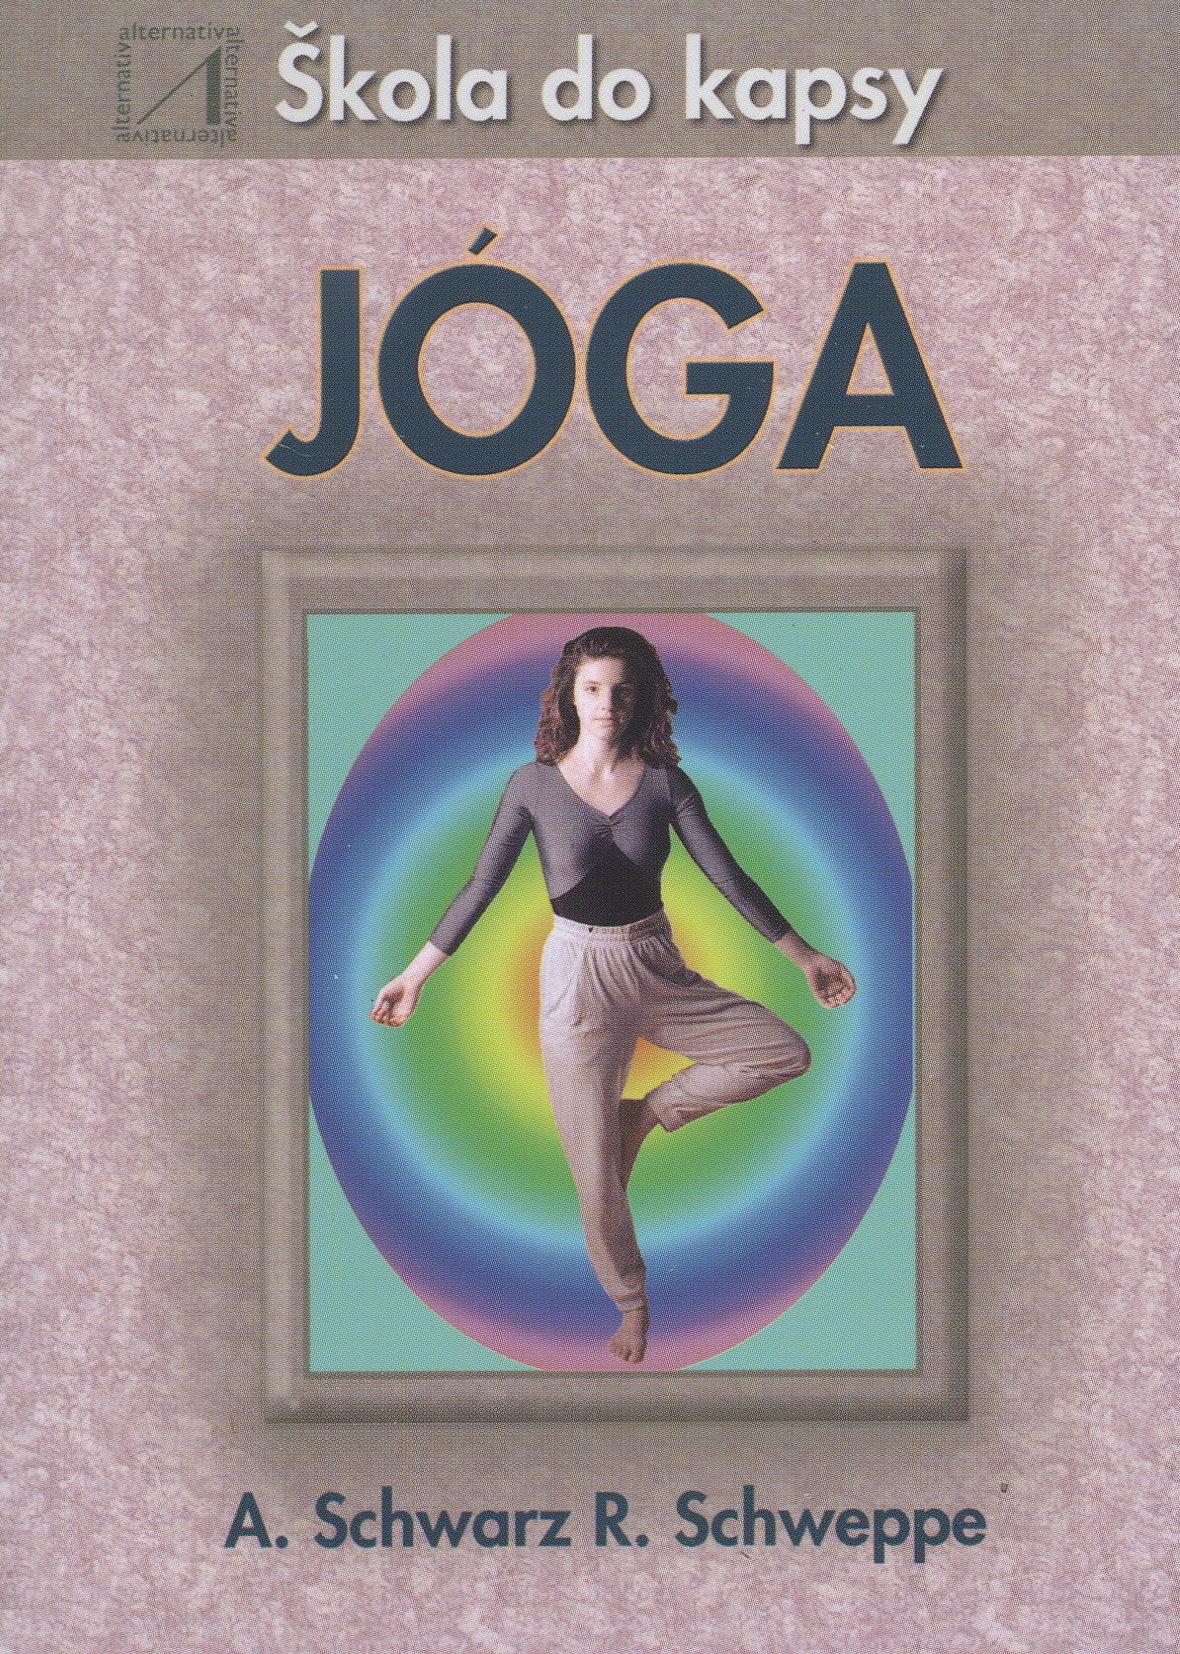 Jóga - škola do kapsy